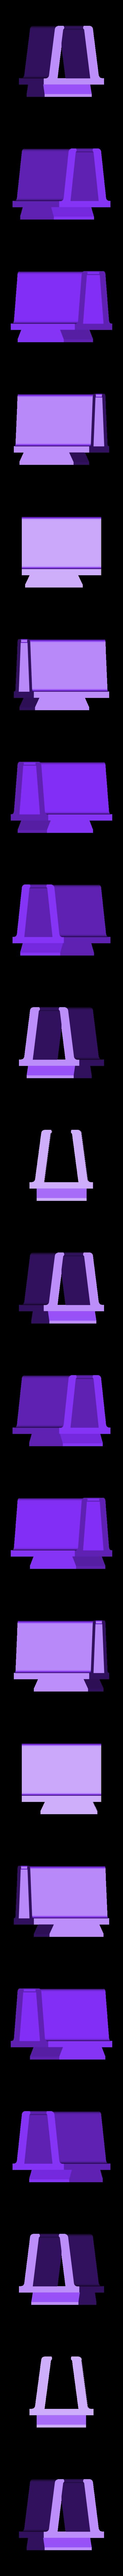 webcam_mount.stl Download free STL file Webcam mount • 3D printer design, robinfang